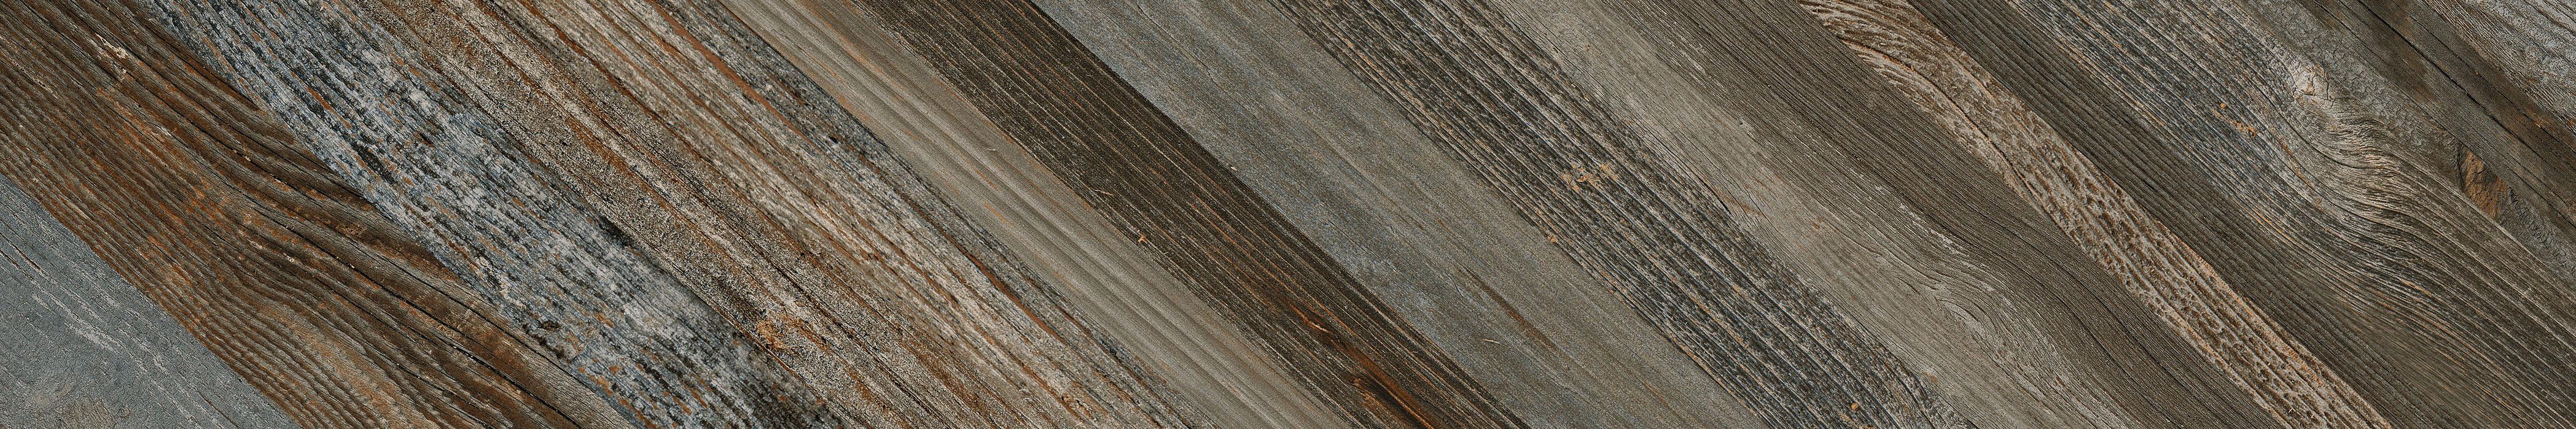 0591259, Artwood, Ruskea, lattia,pakkasenkesto,liukastumisenesto